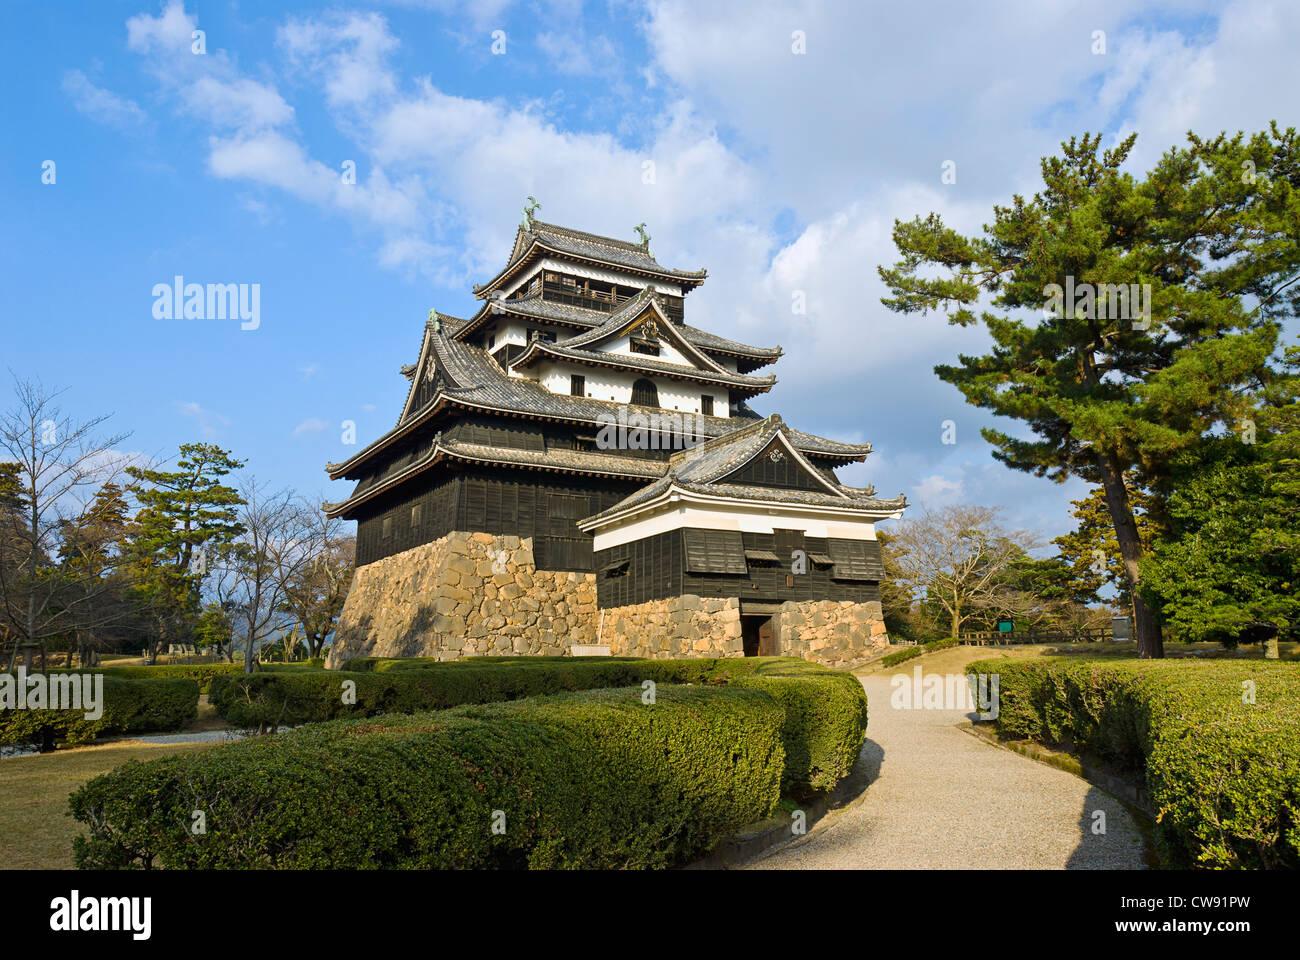 El castillo de Matsue, prefectura de Shimane, Japón. Castillo medieval de madera, c. 1622. Imagen De Stock